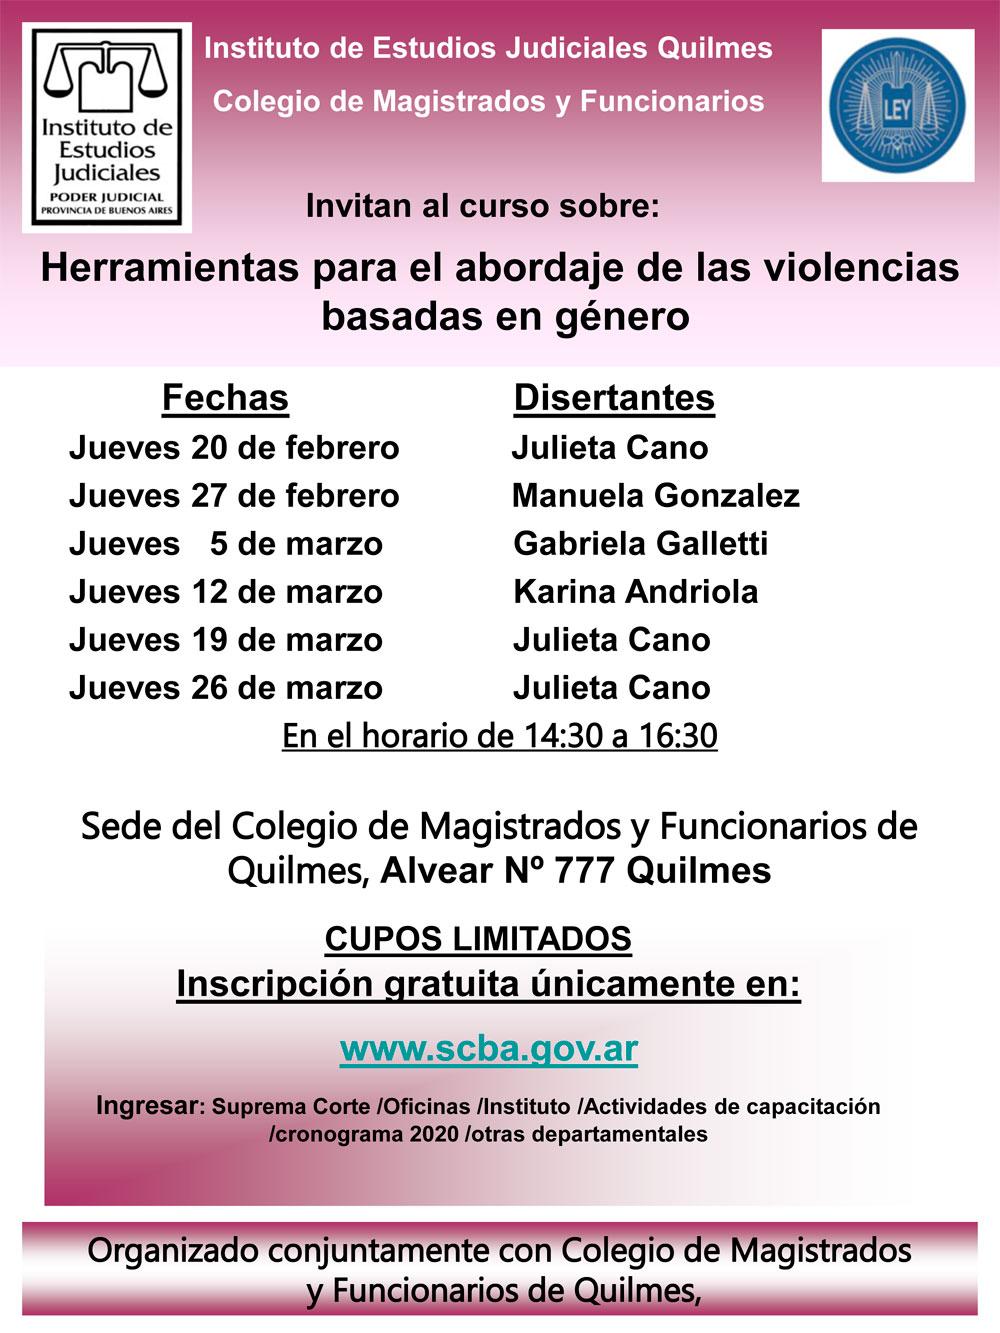 HERRAMIENTAS PARA EL ABORDAJE DE LAS VIOLENCIAS BASADAS EN GENERO